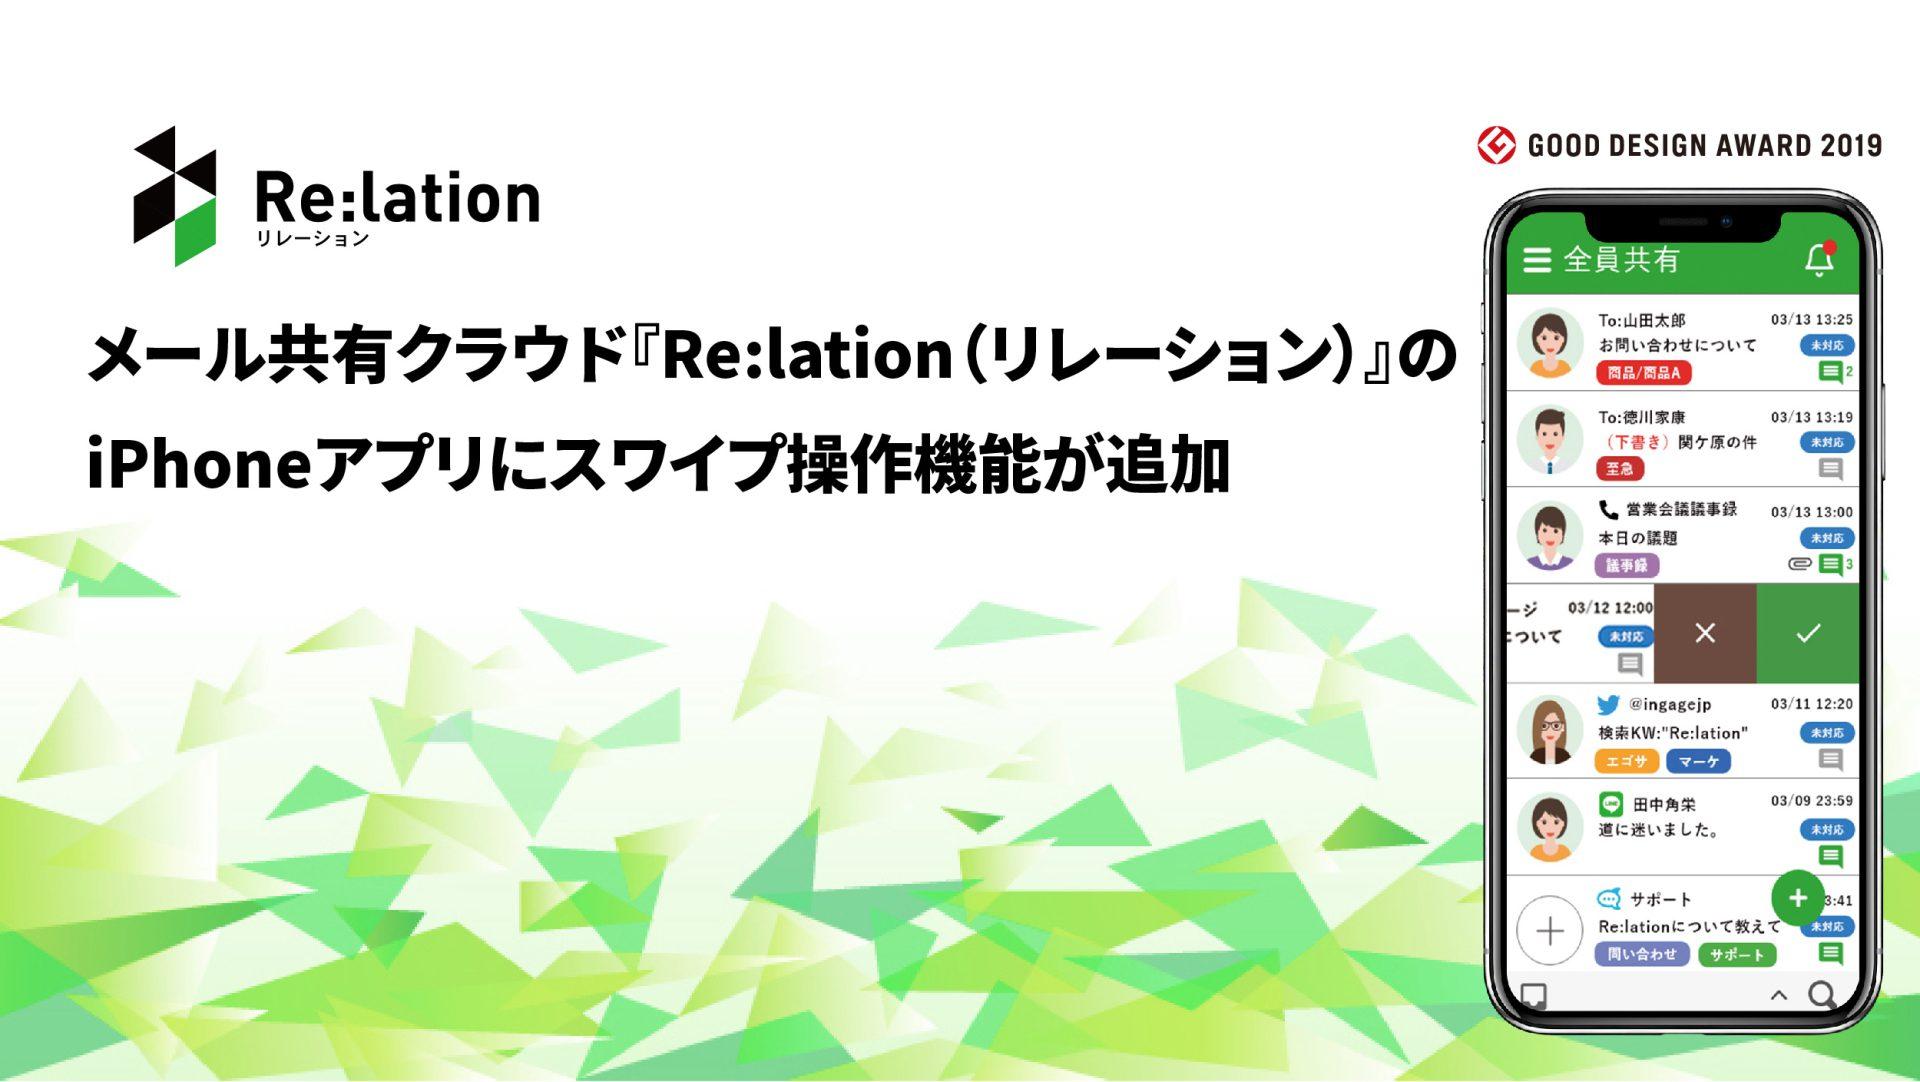 メール共有クラウド『Re:lation(リレーション)』のiPhoneアプリにスワイプ操作機能が追加されました